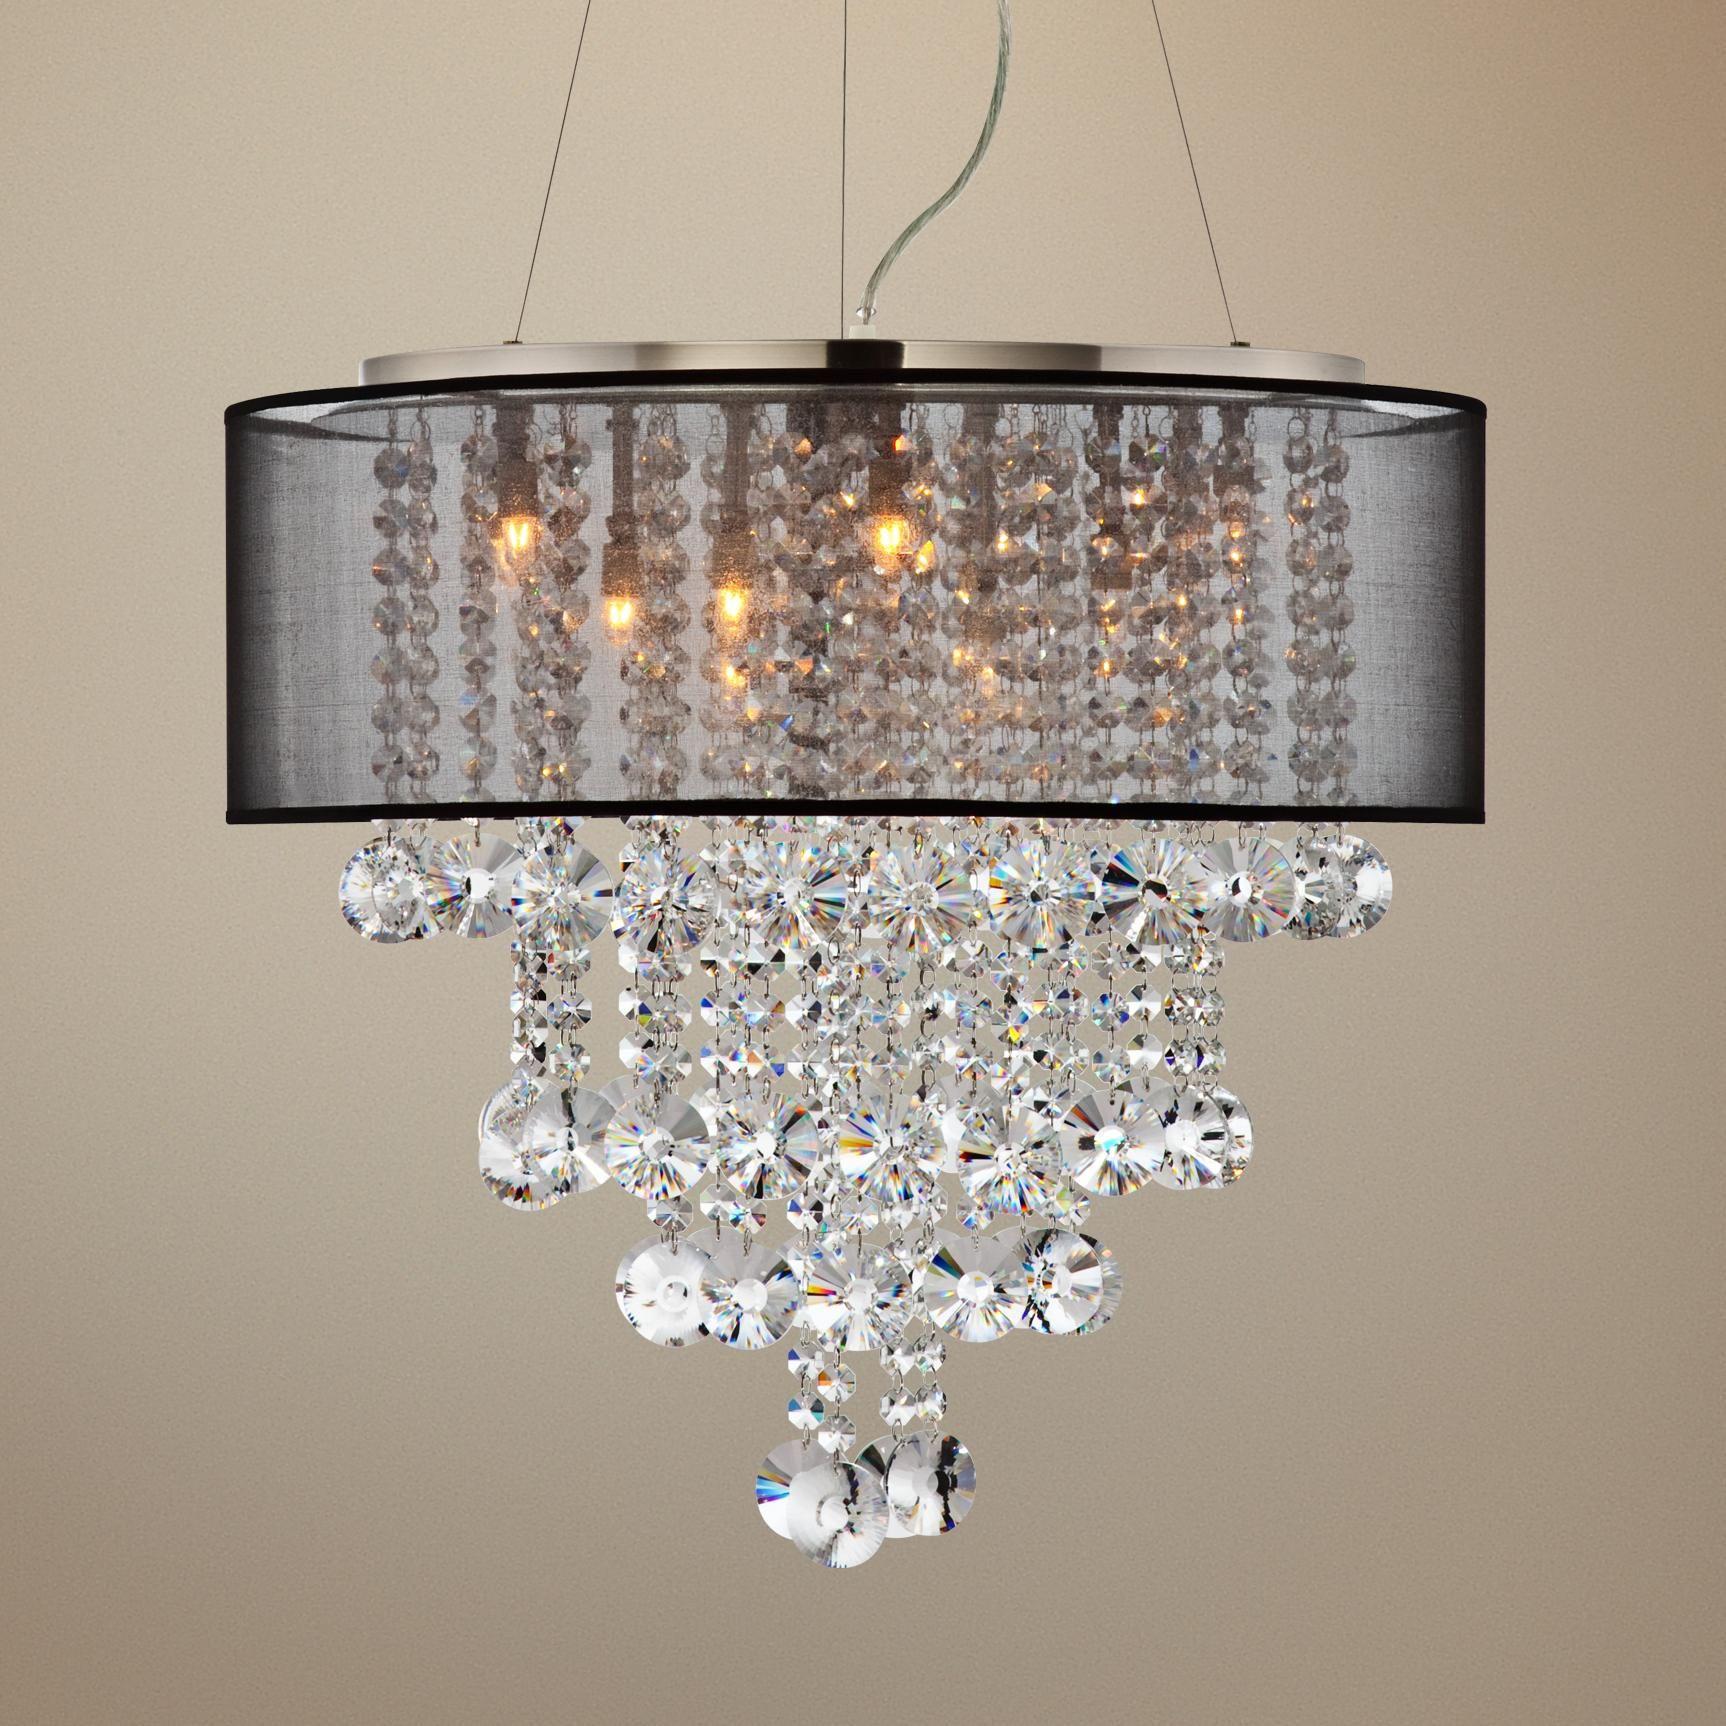 Possini Euro Brushed Nickel Black W Crystal Chandelier - Dining room crystal chandeliers